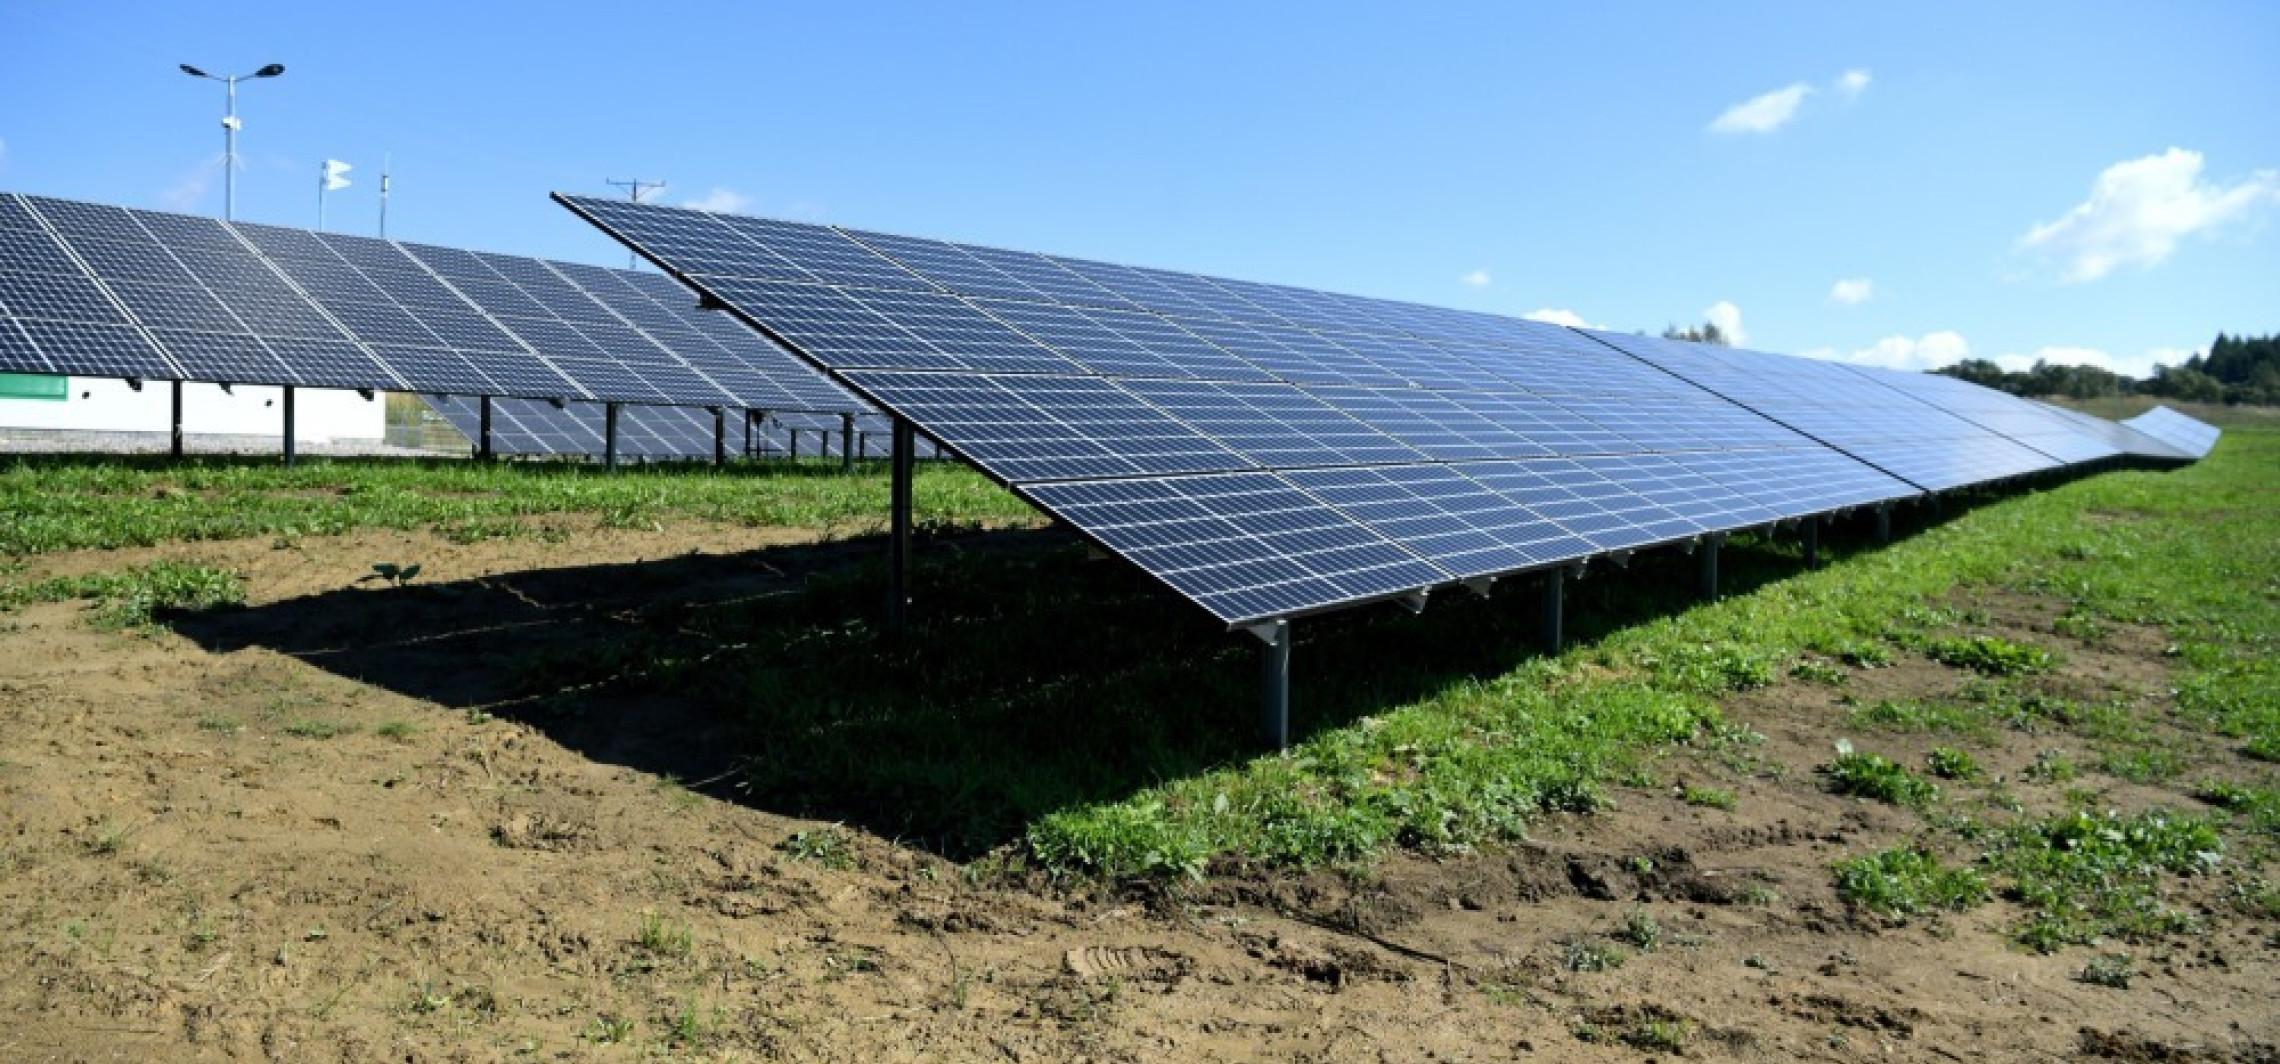 """Kraj - Instalowanie paneli słonecznych może być """"zaraźliwe"""""""